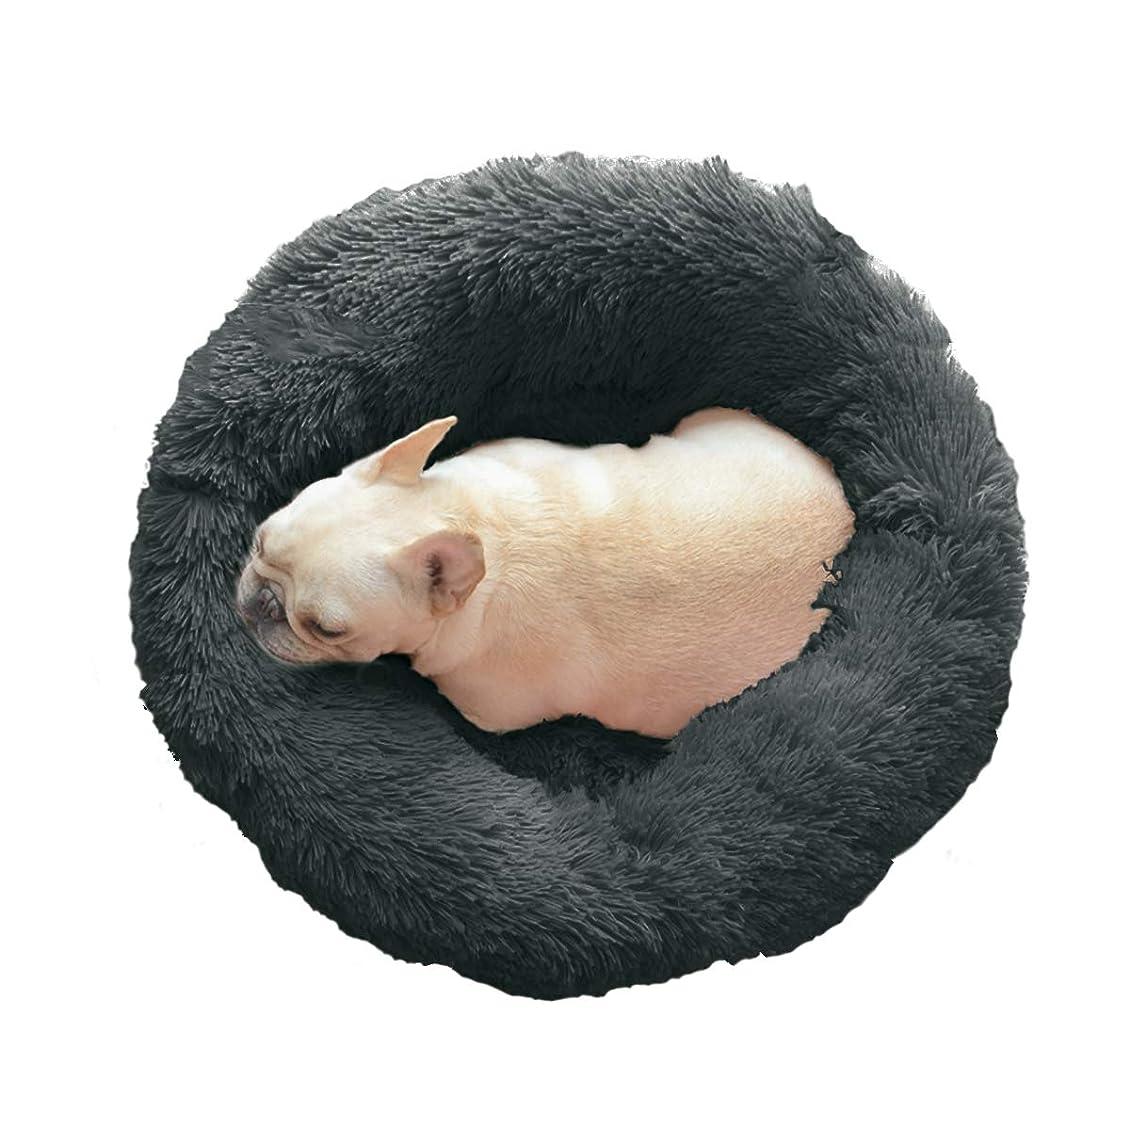 満足させる思いやりしなやかSkazi ペットベッド 猫用ベッド 小型犬ベッド クッション 丸型 シャギー素材 ふわふわ 可愛い 伸縮性ある崩れにくい 洗える 冬用 あったか 直径50cm ダークグレー